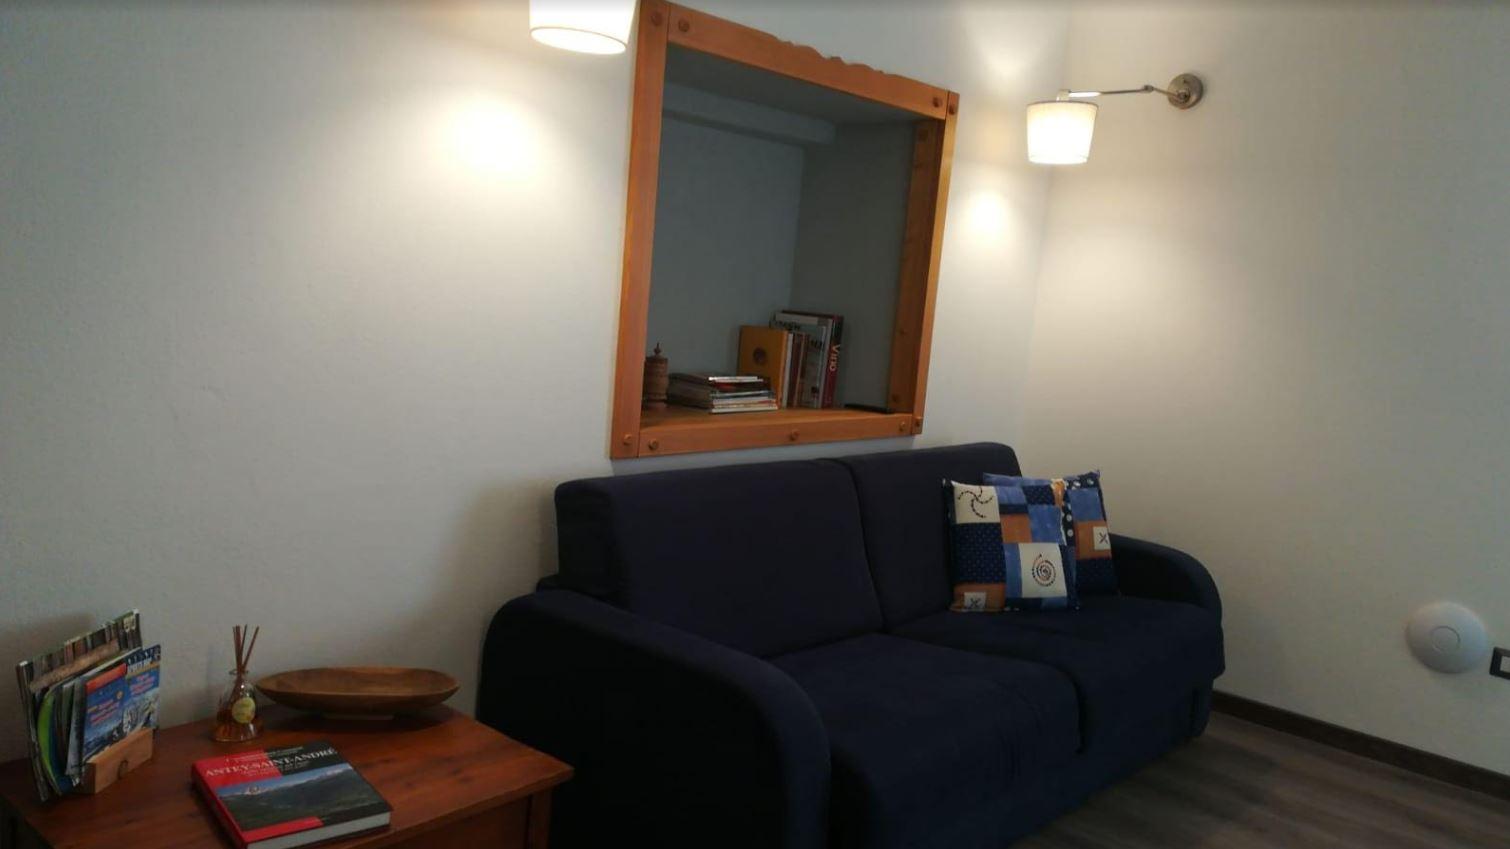 divano comfort stile genzianella